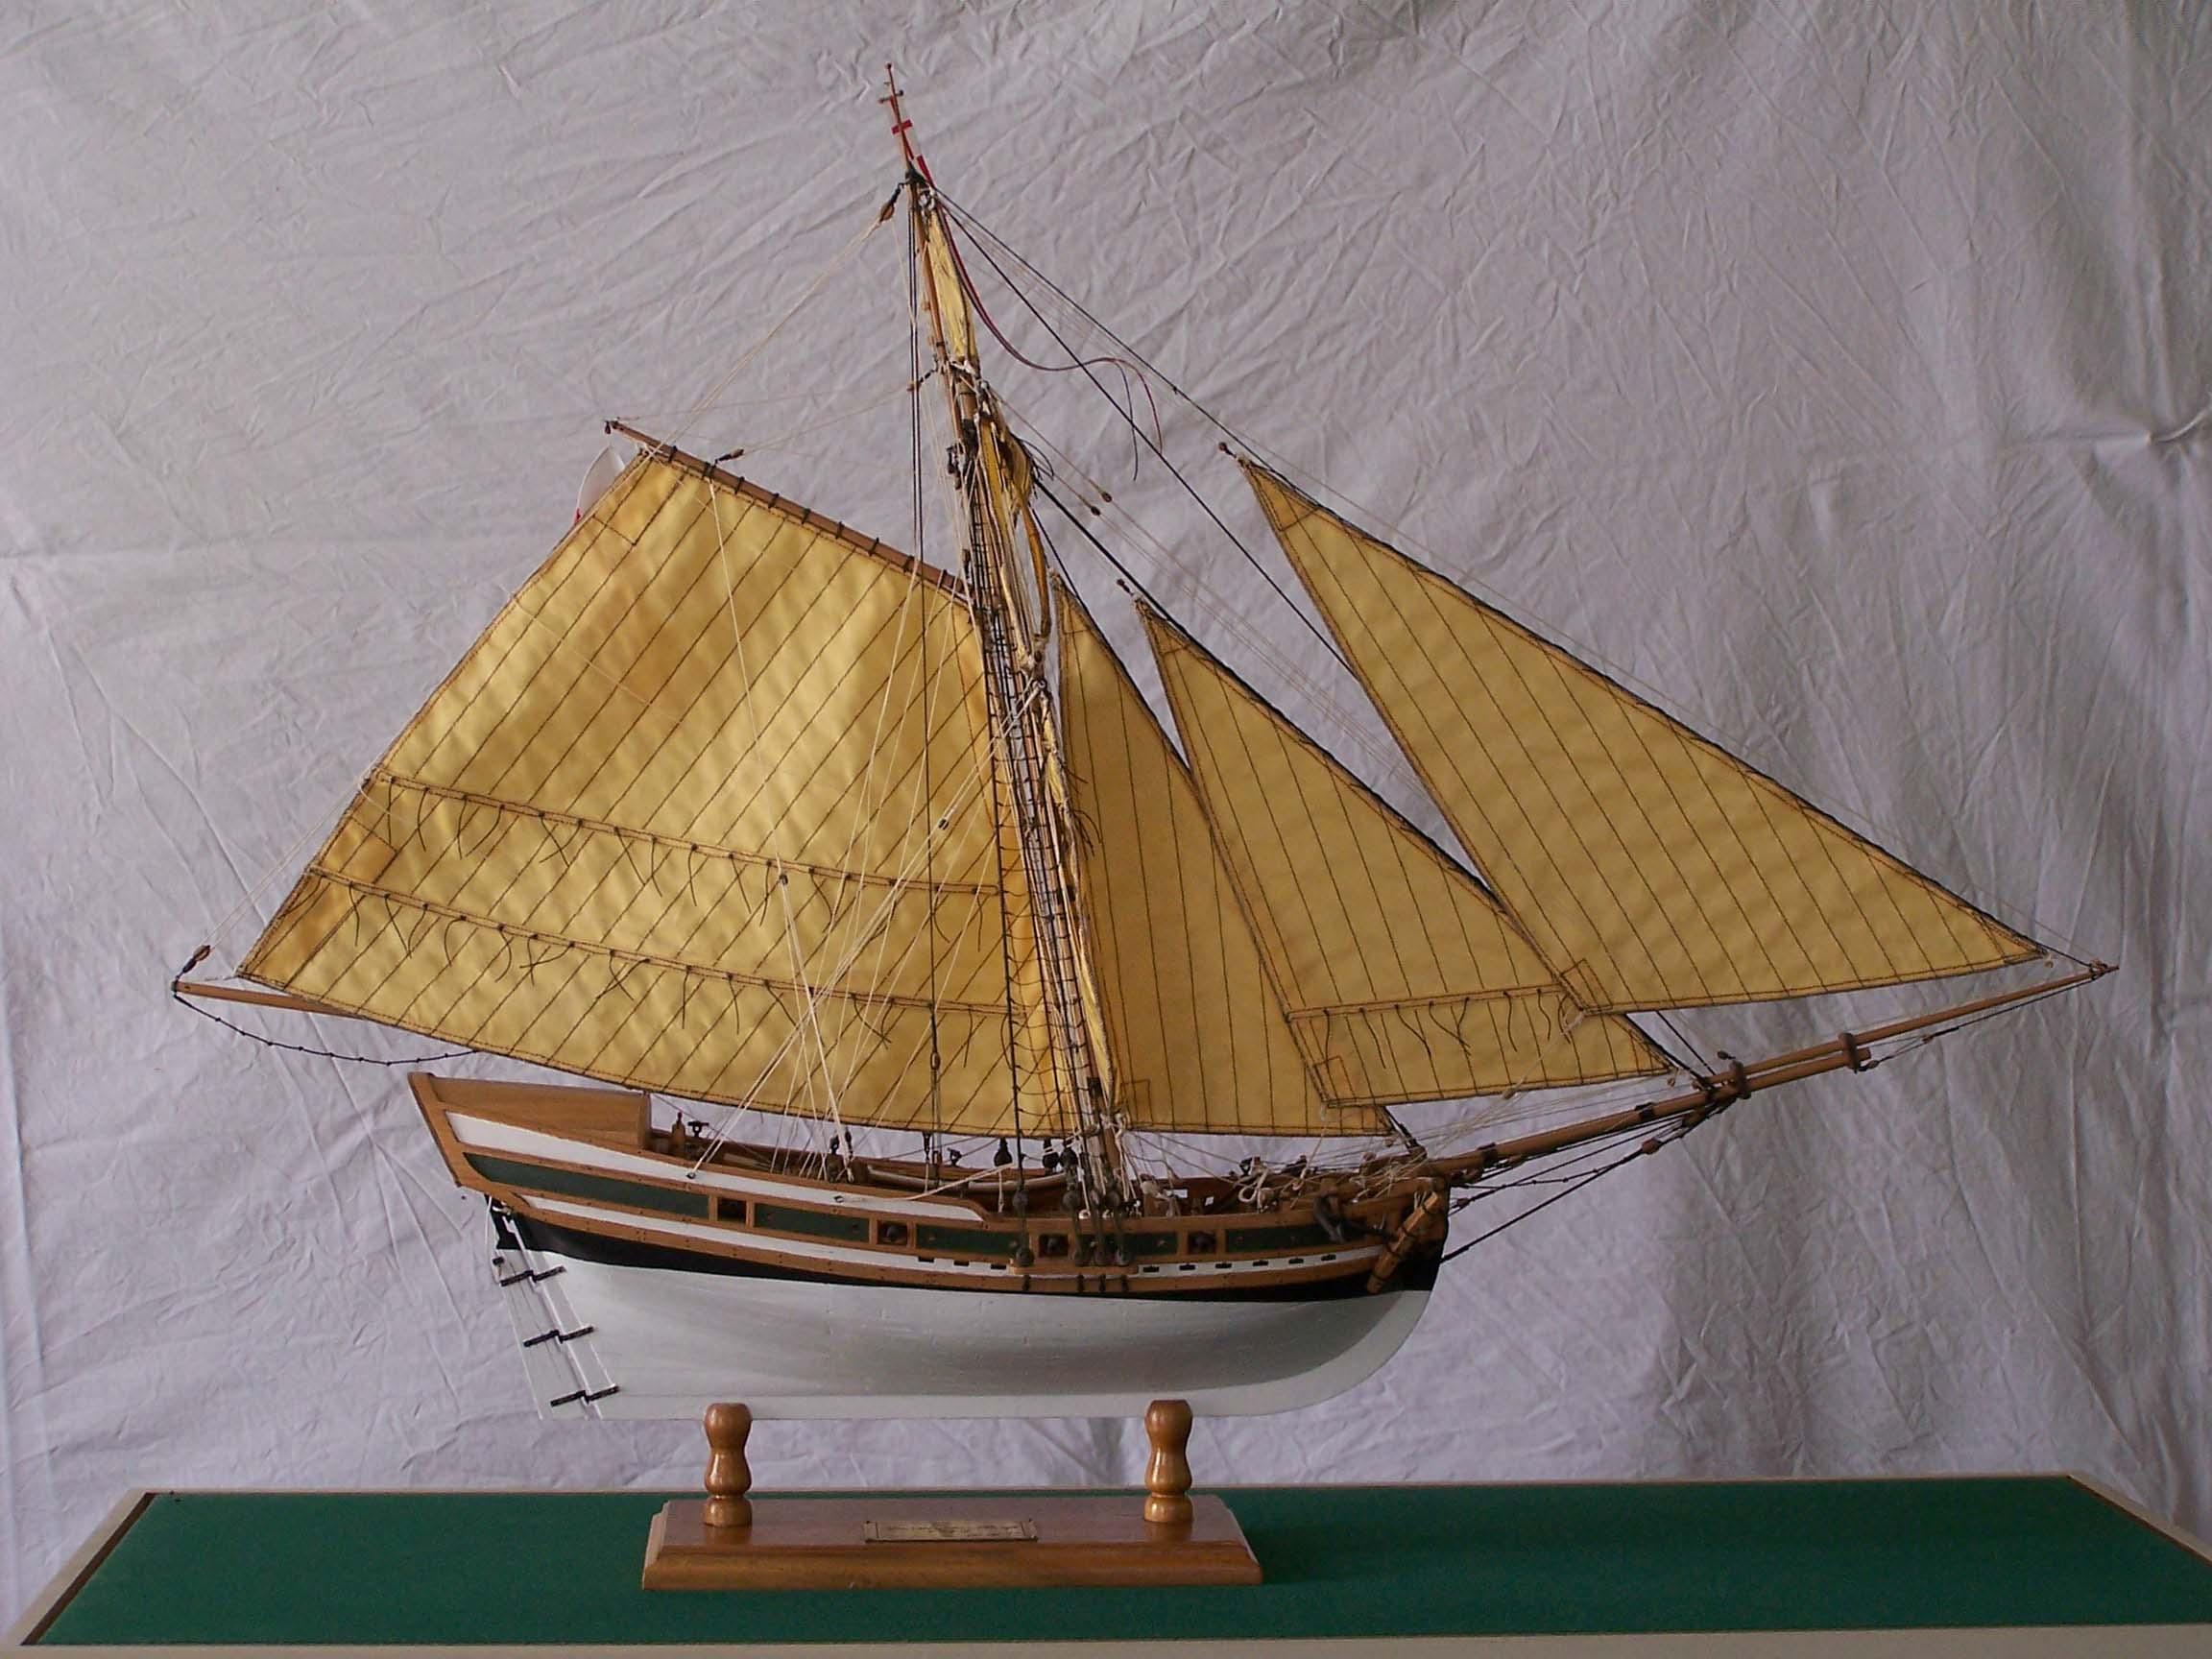 Photos Bermuda Sloop model